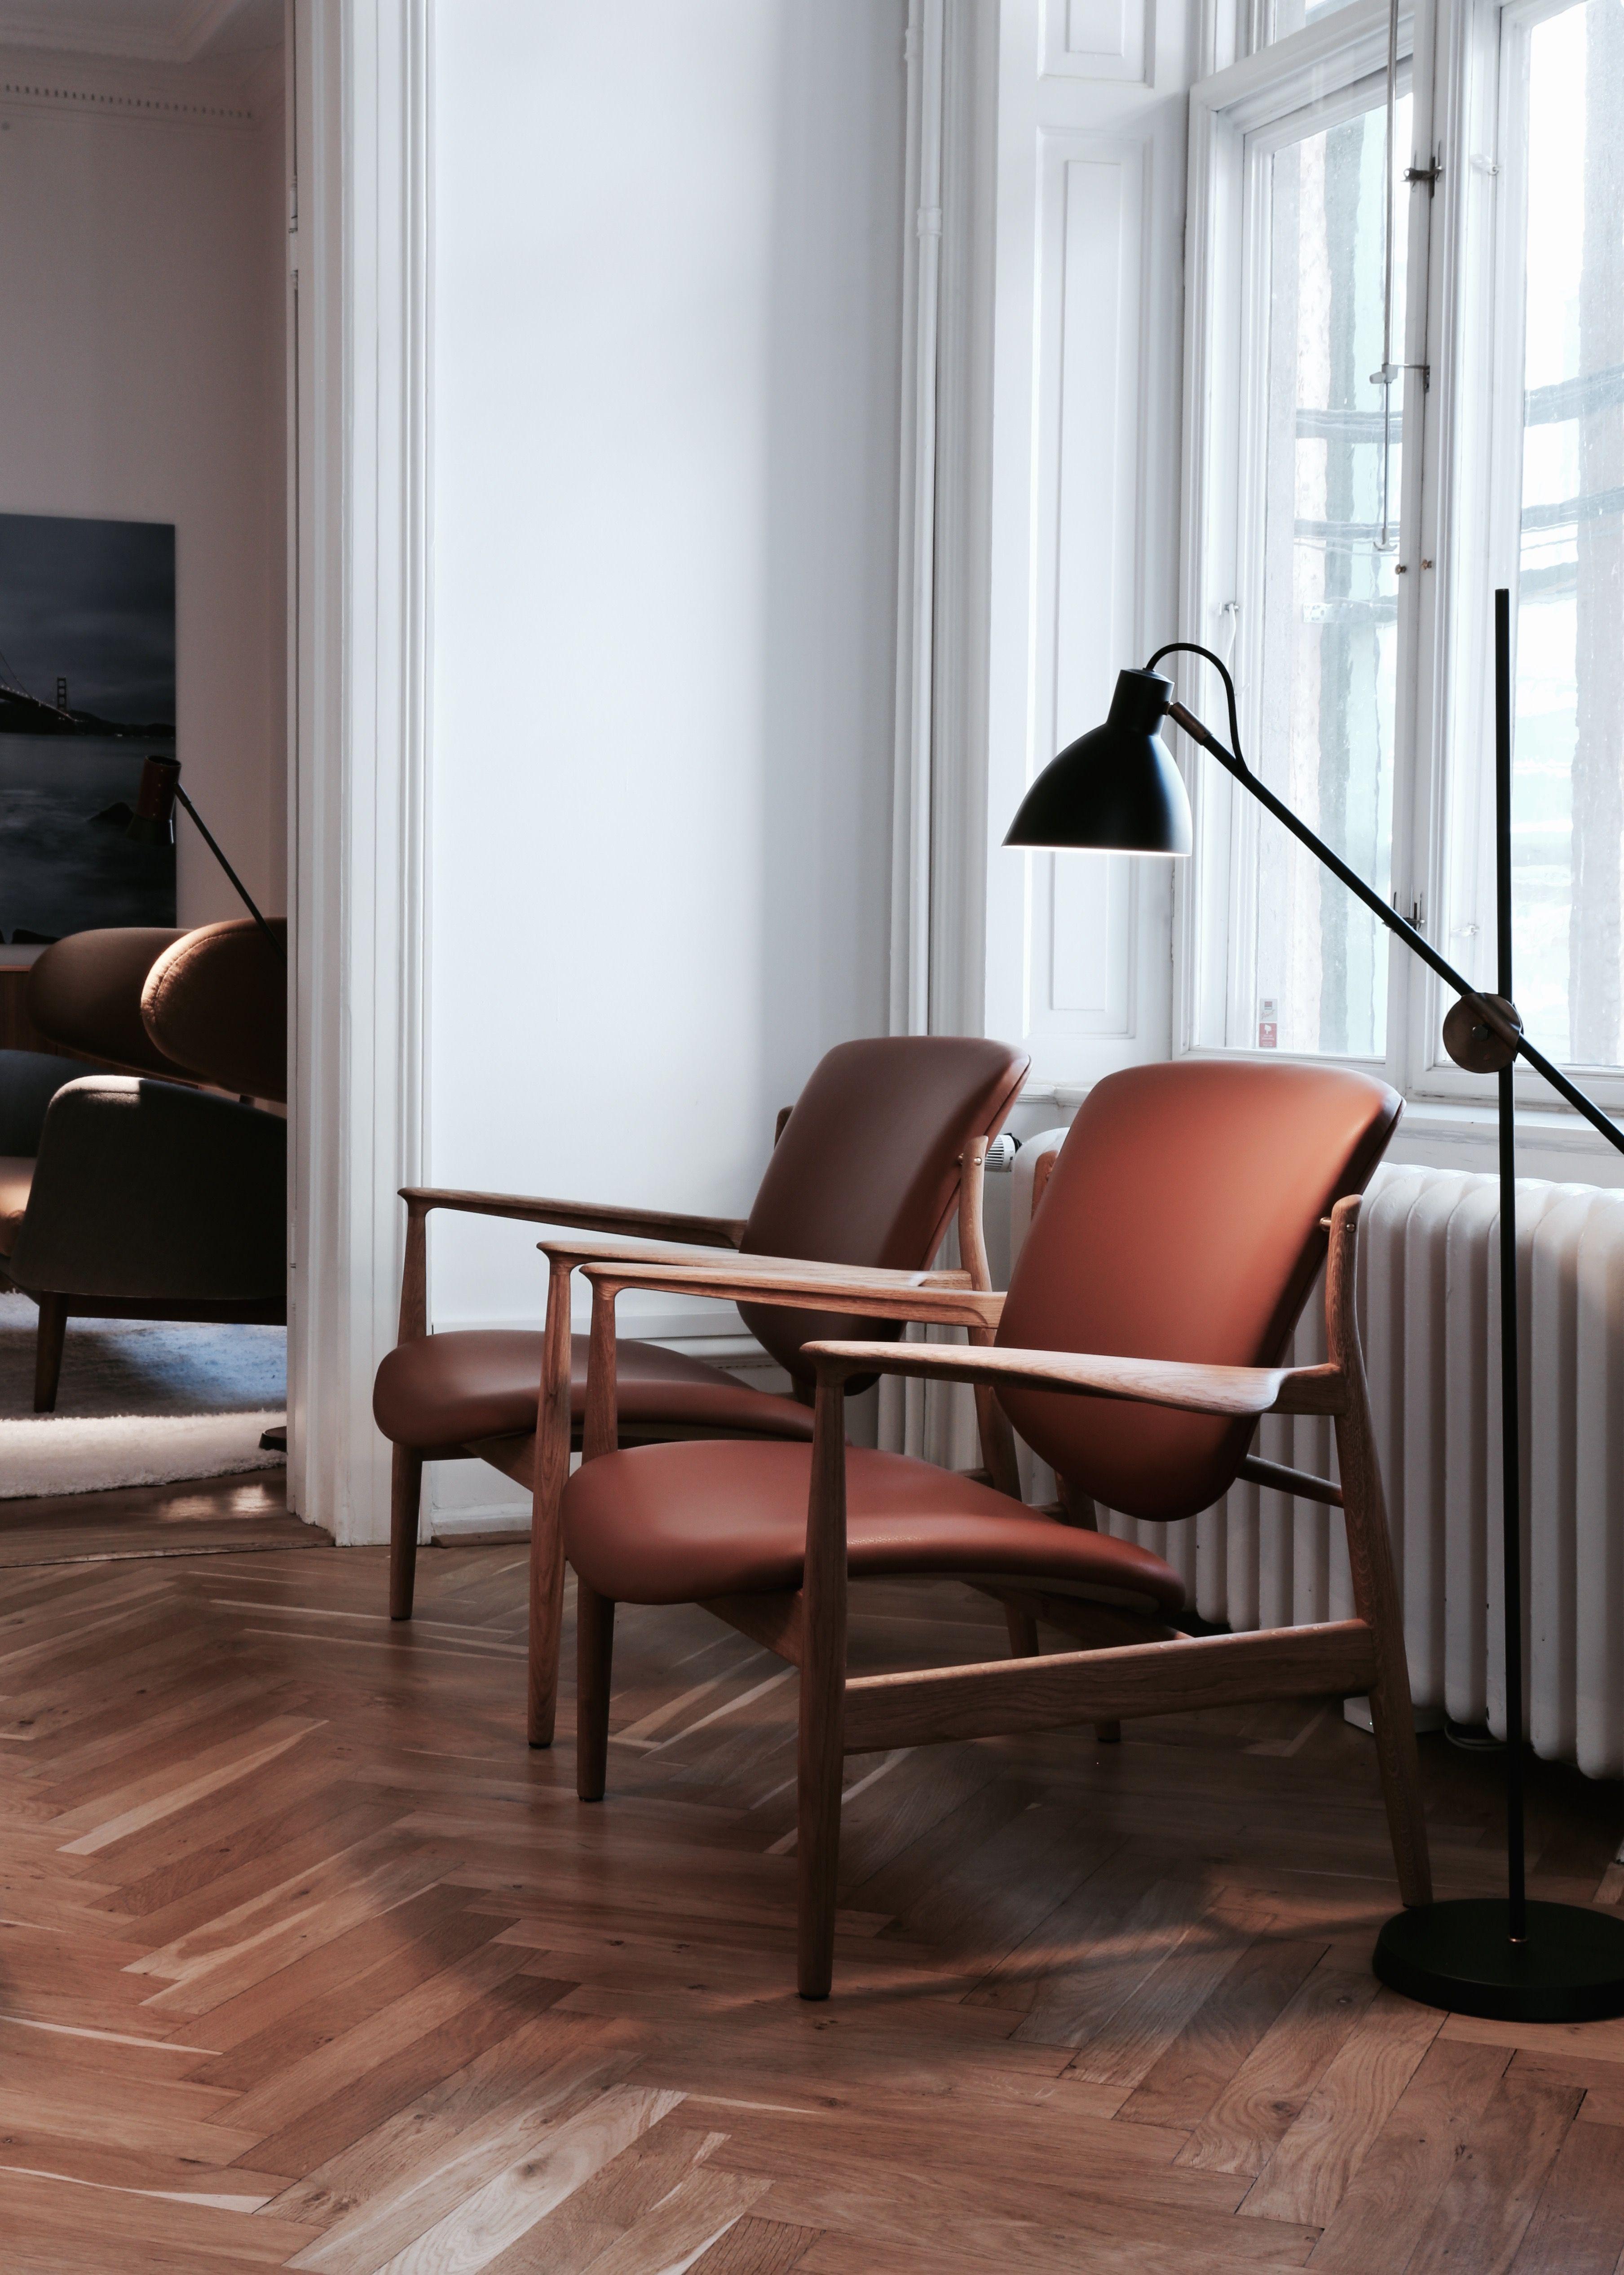 Masculine Scandinavian Living Room With A Pair Of Finn